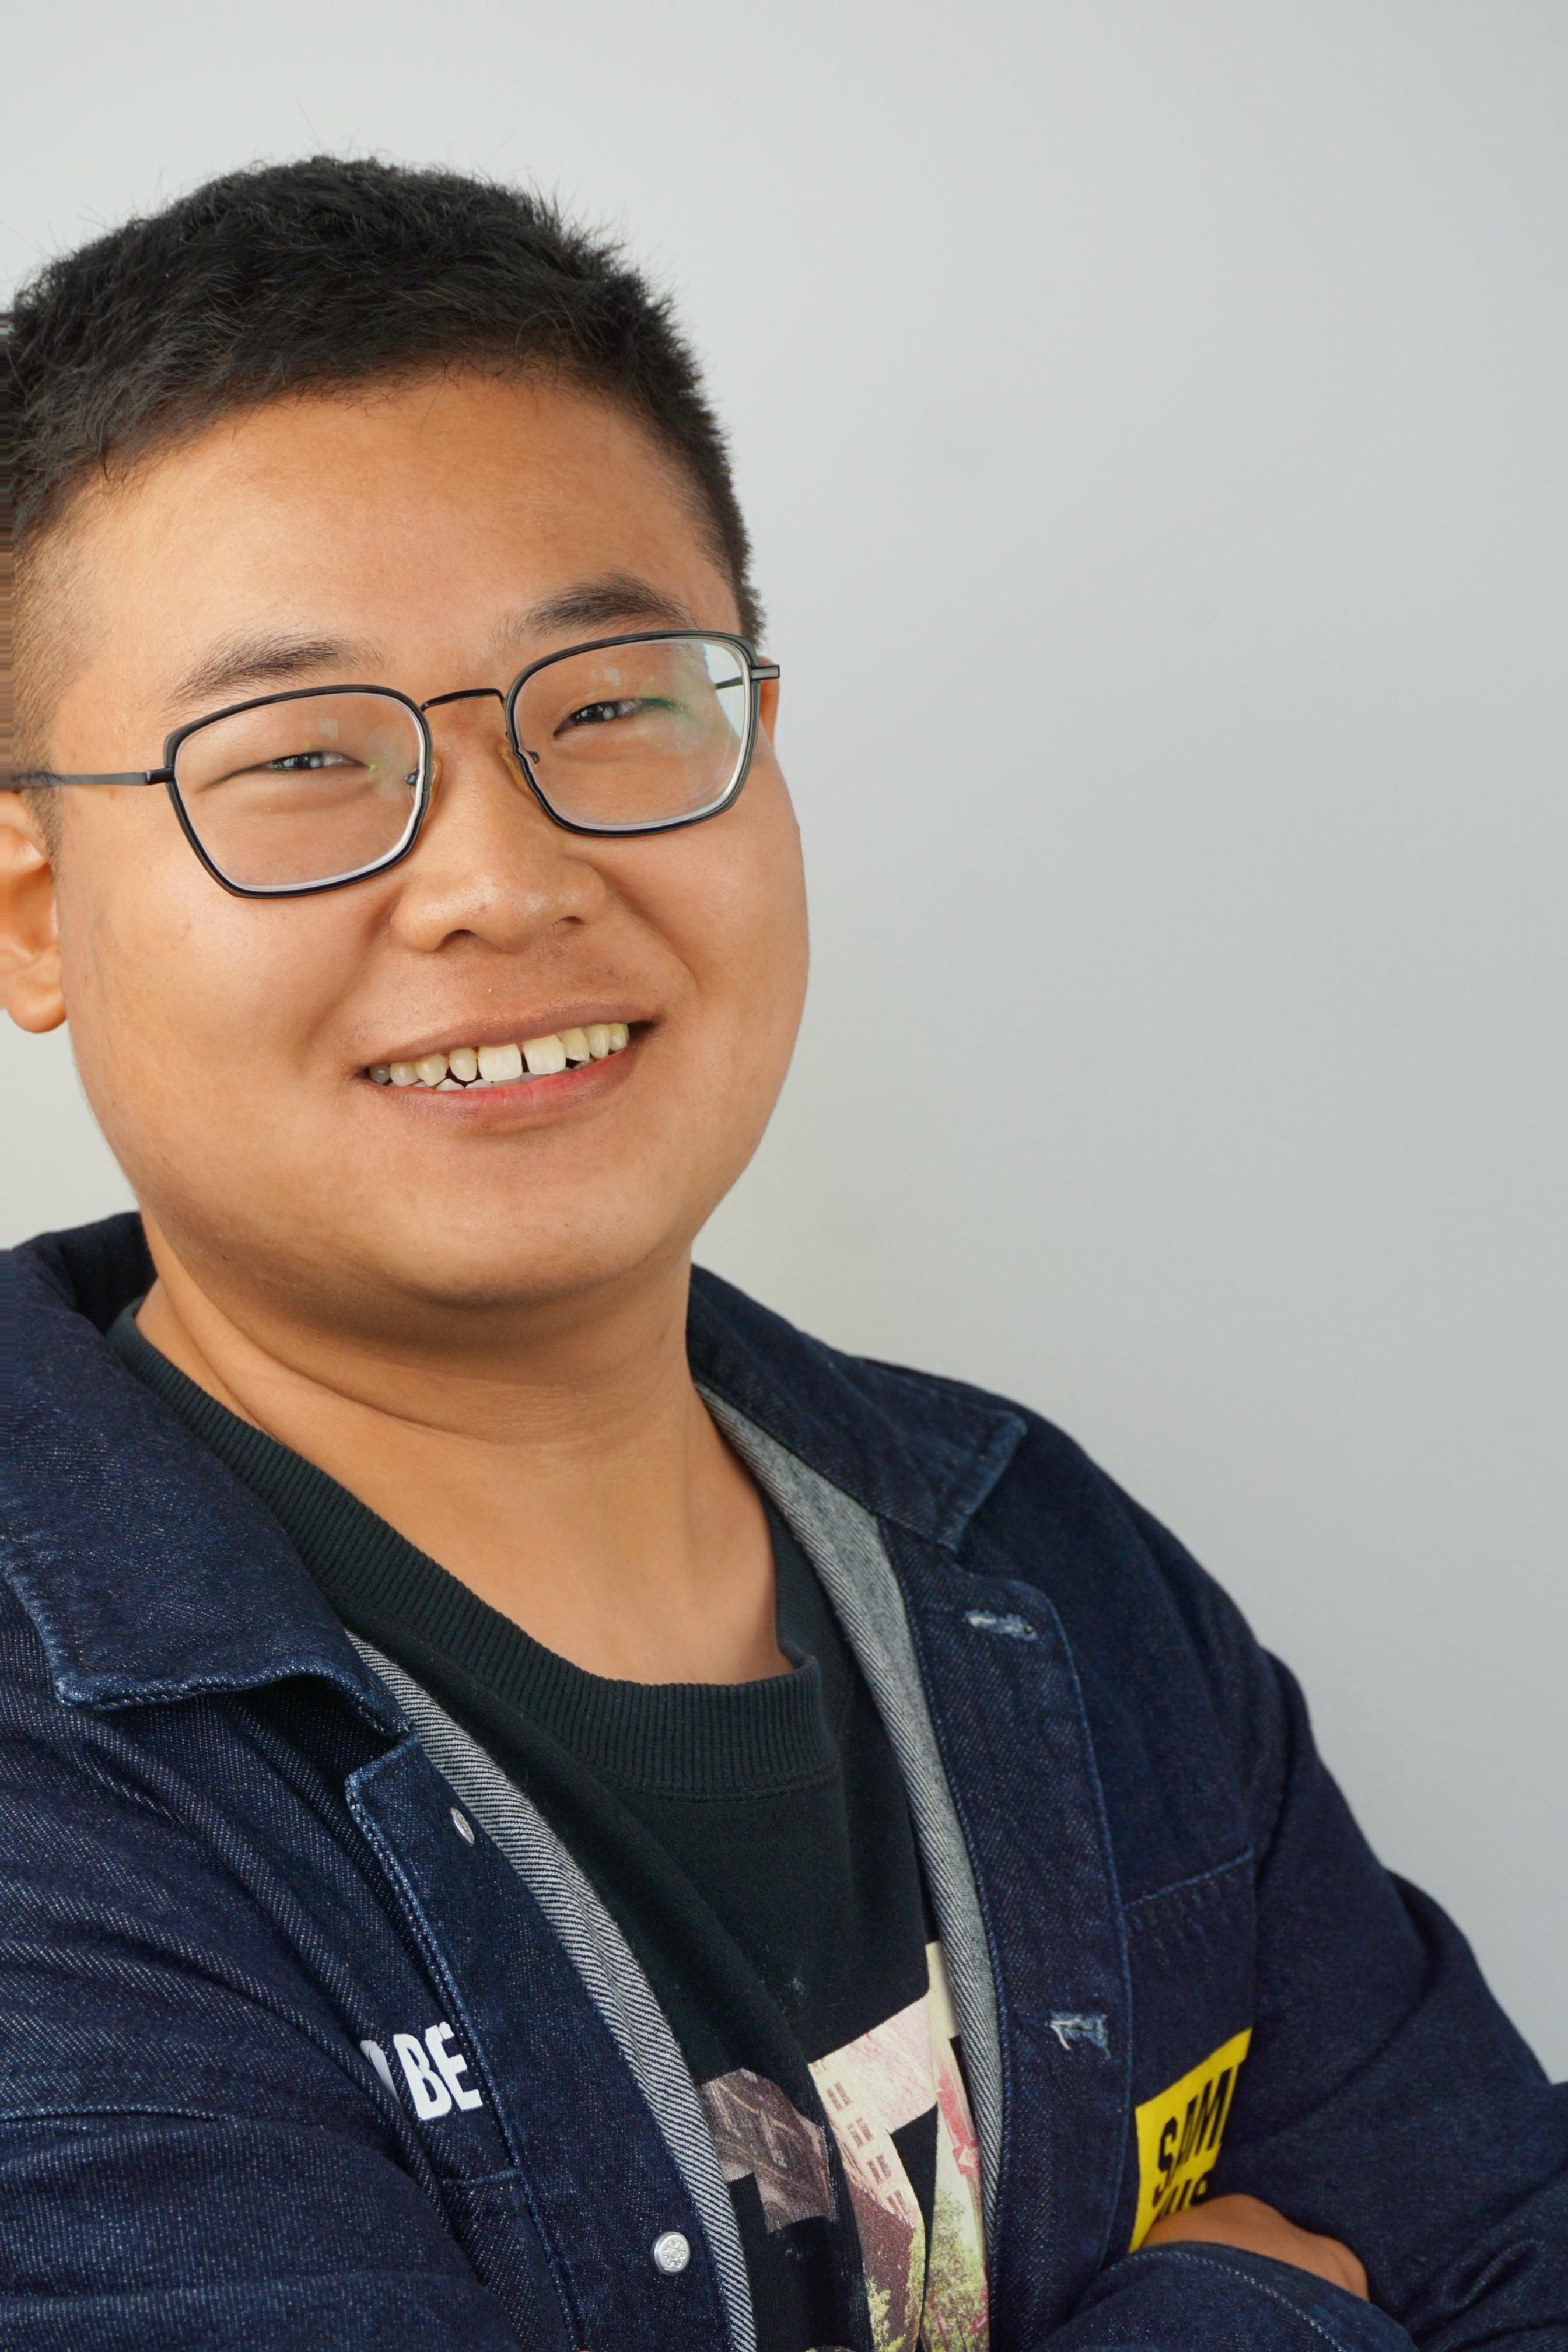 Yizhao